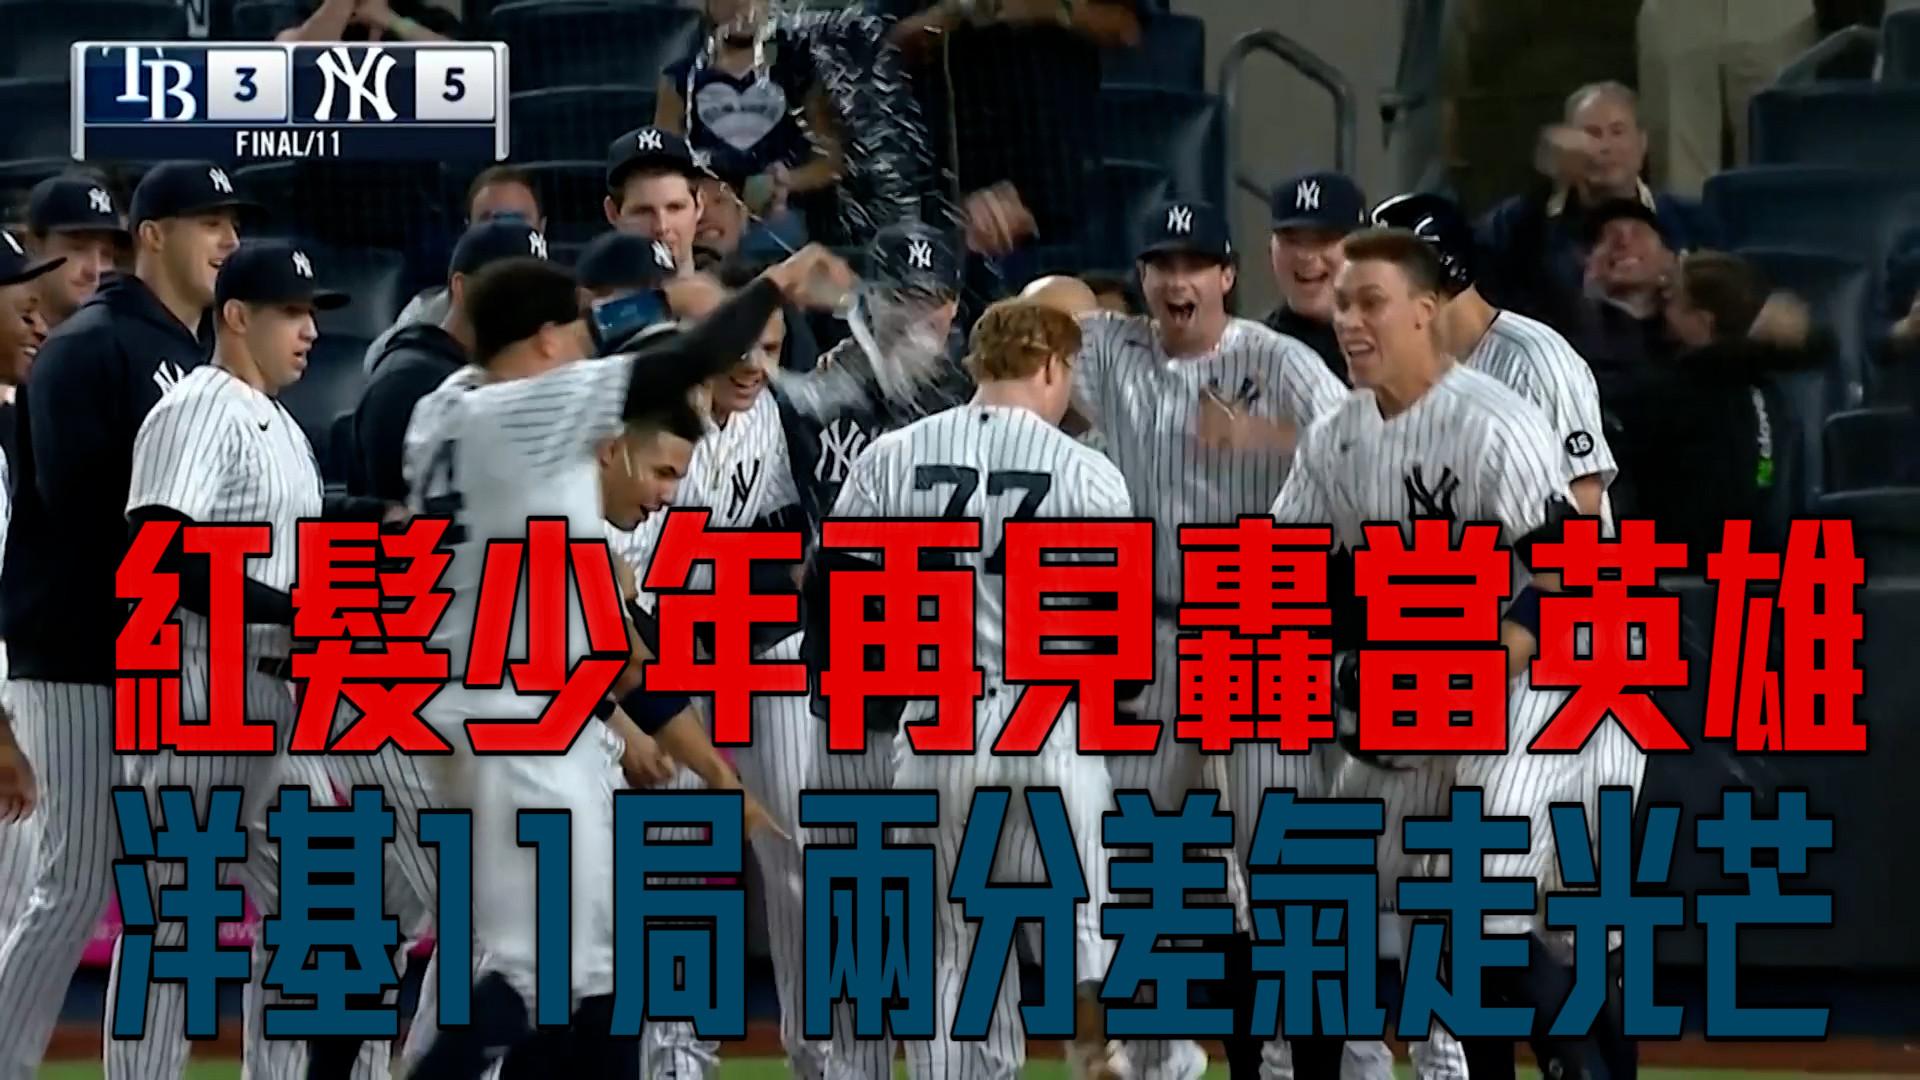 【MLB看愛爾達】超美技外加再見轟 佛雷瑟率洋基止敗 06/02